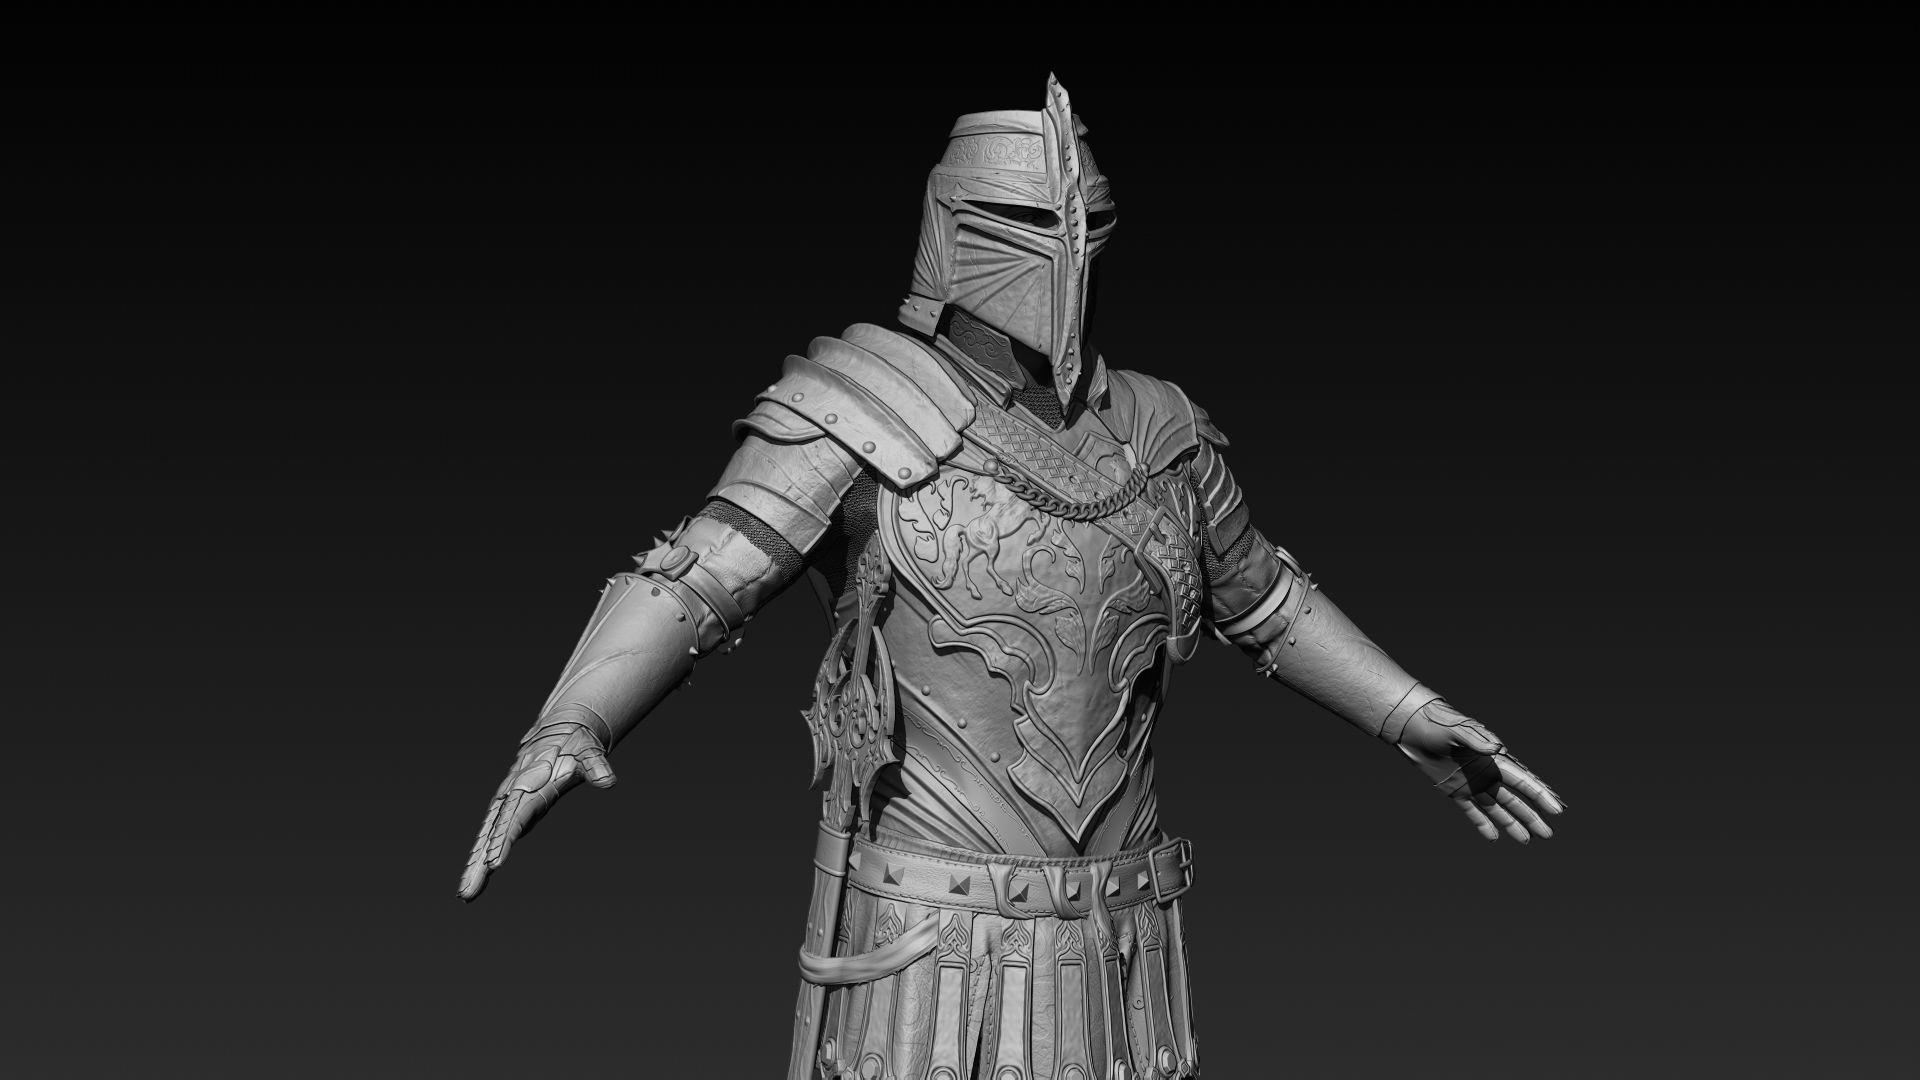 Knight Zbrush